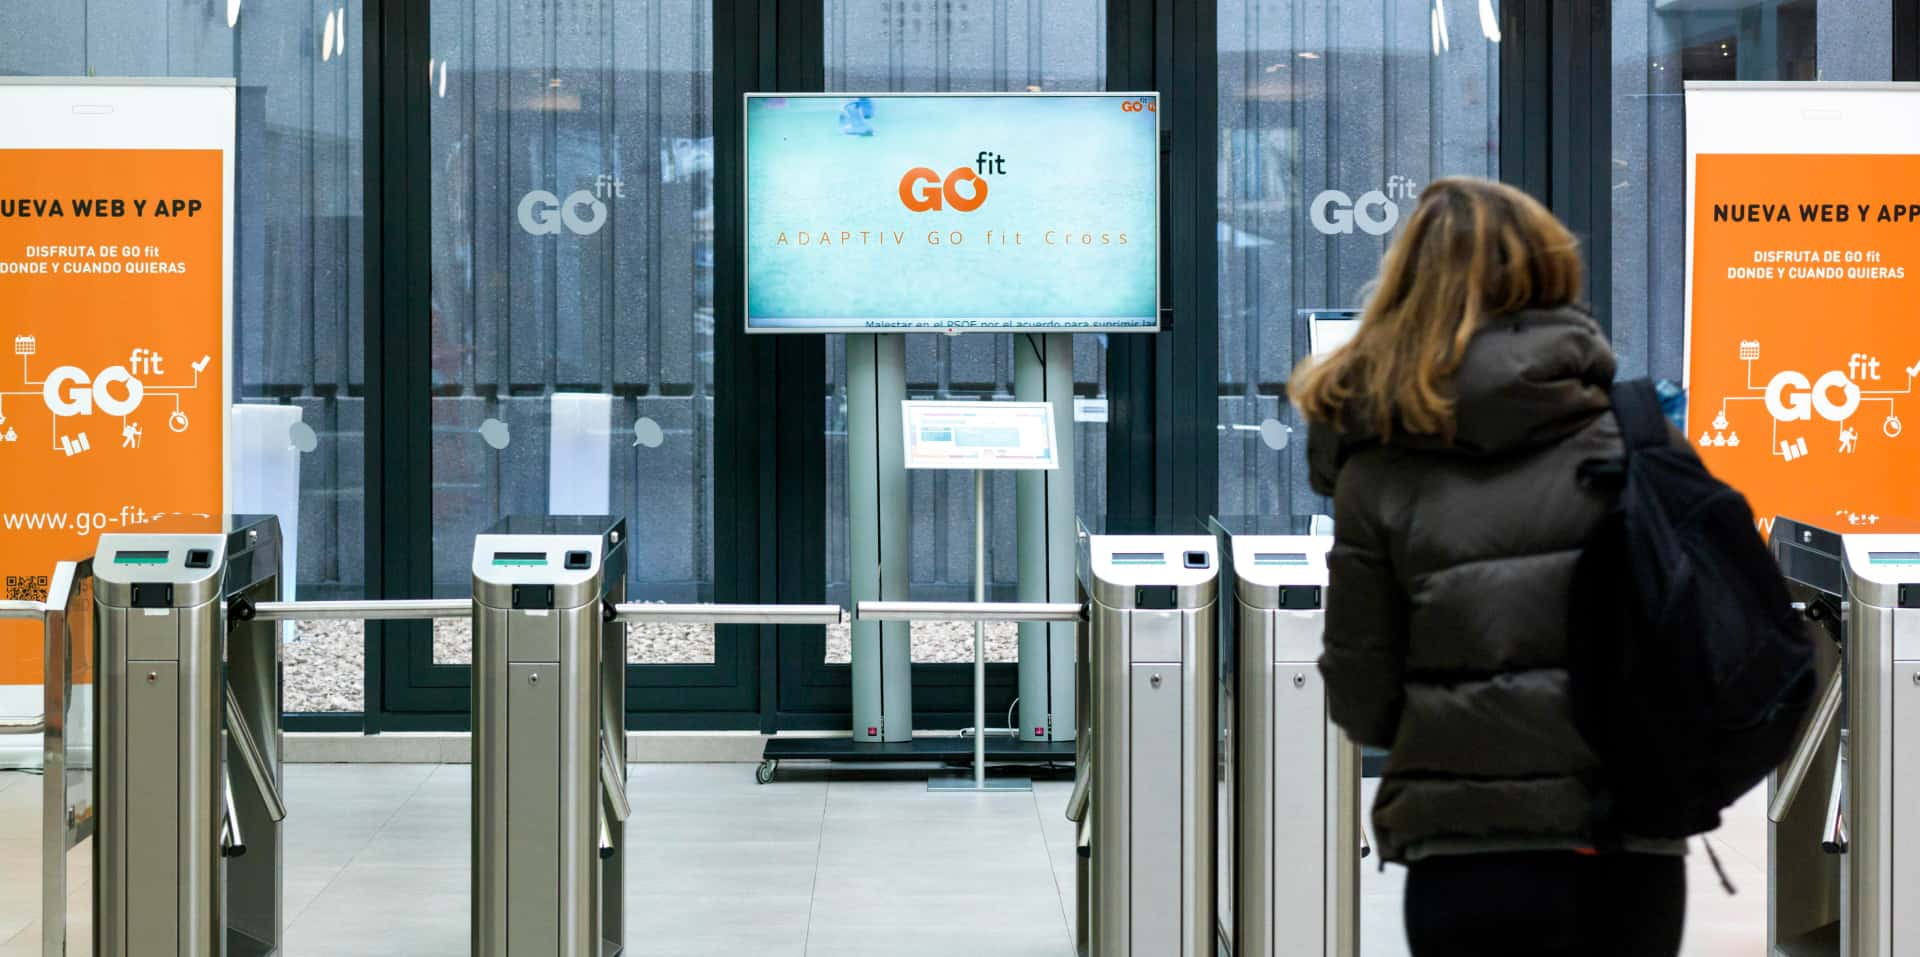 Entrada del gimnasio Go fit con una pantalla digital